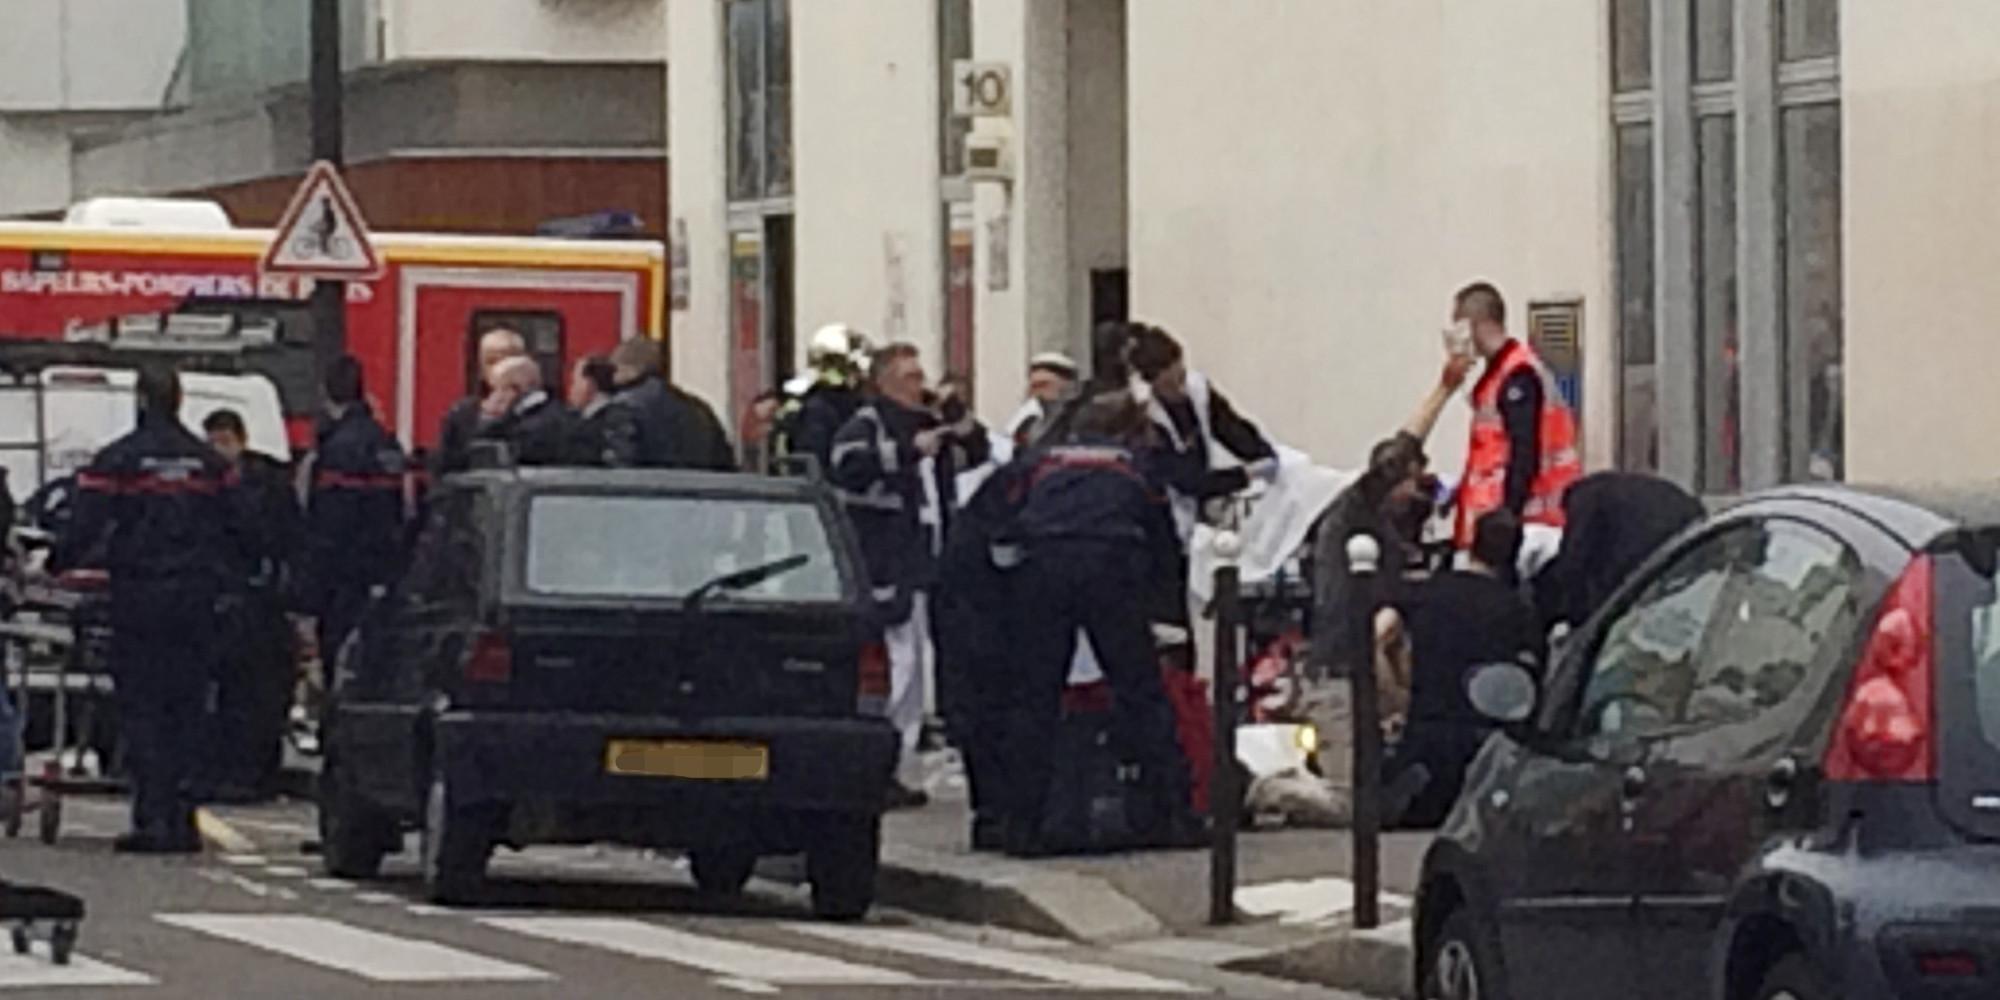 Attentat Facebook: Attentat à Charlie Hebdo: Le Bilan Le Plus Lourd Depuis